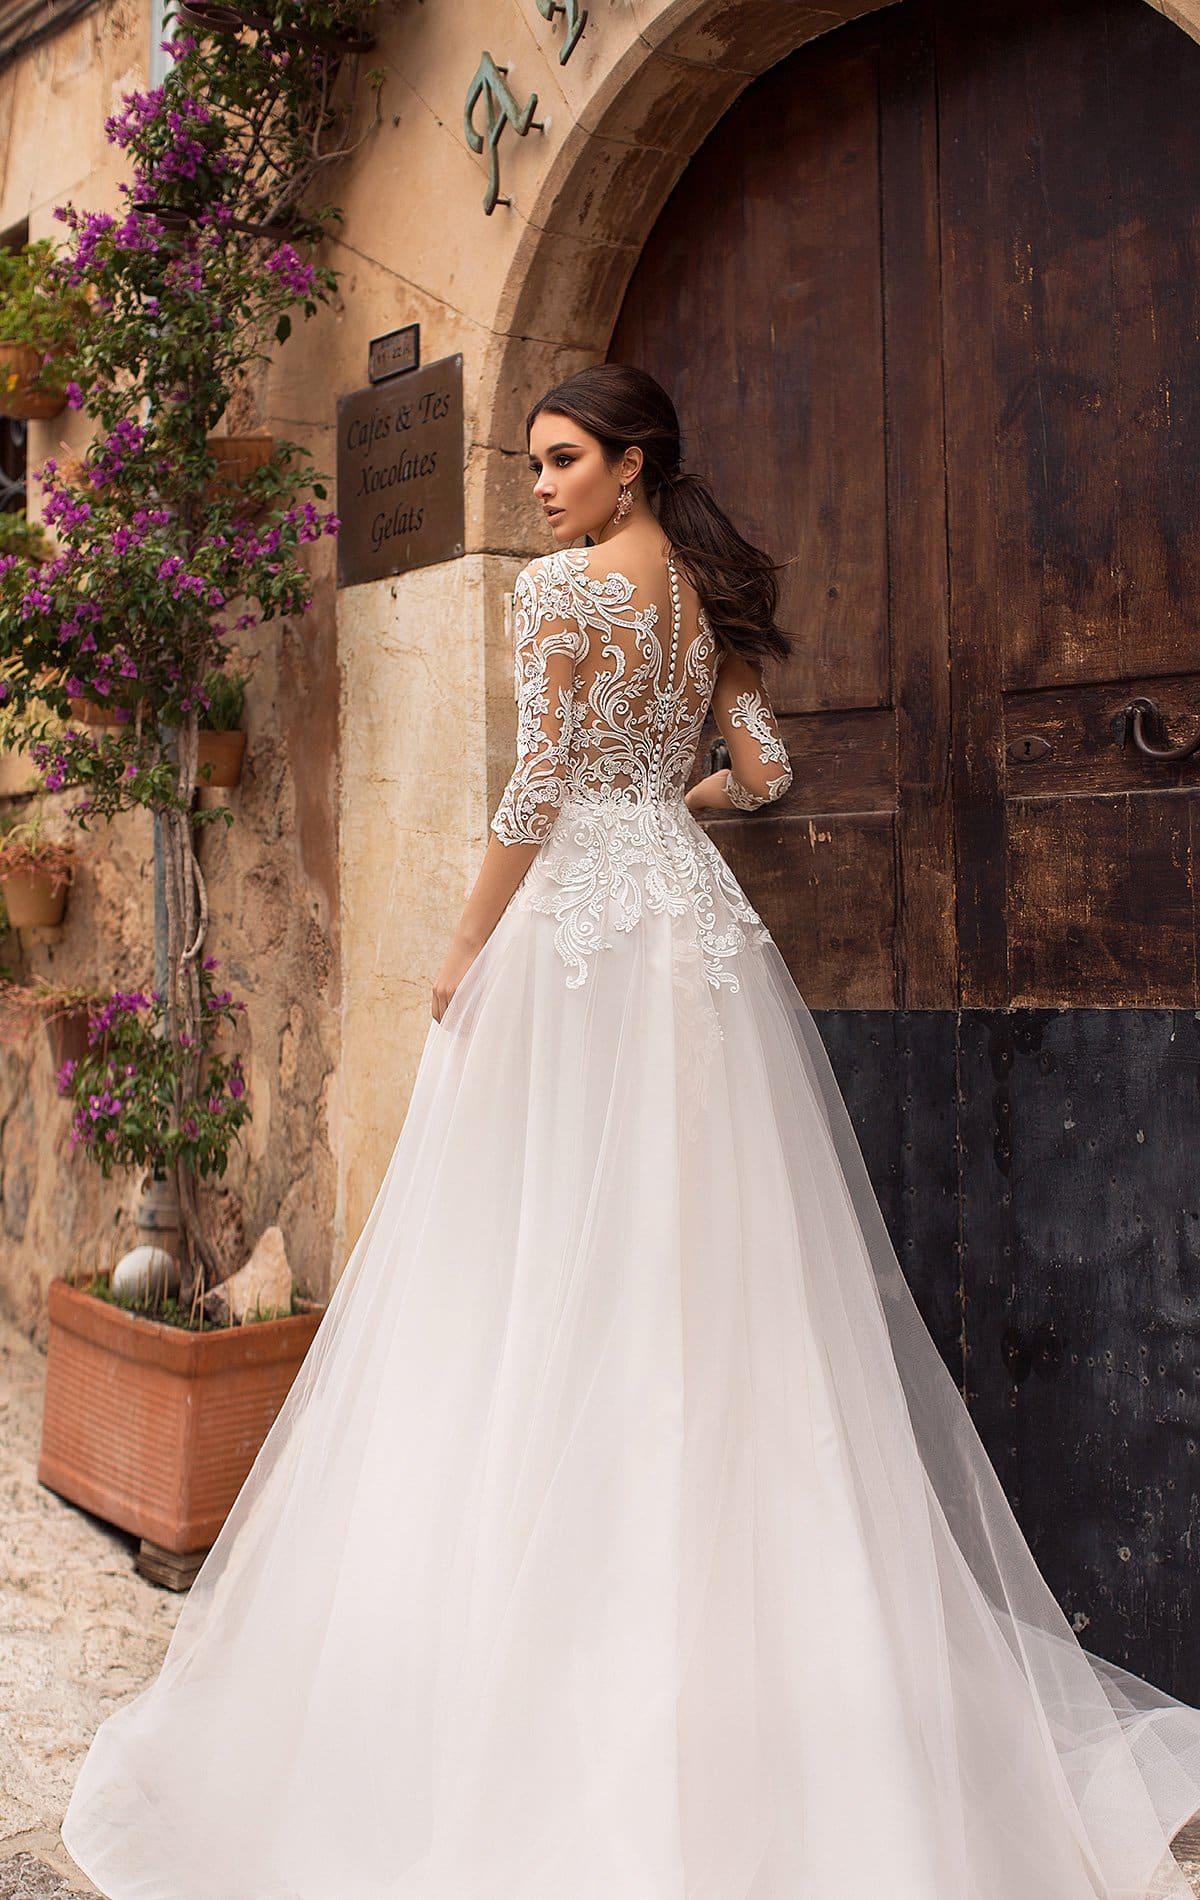 48a4832d453 Свадебное платье с многослойной юбкой и лифом с иллюзией прозрачности.